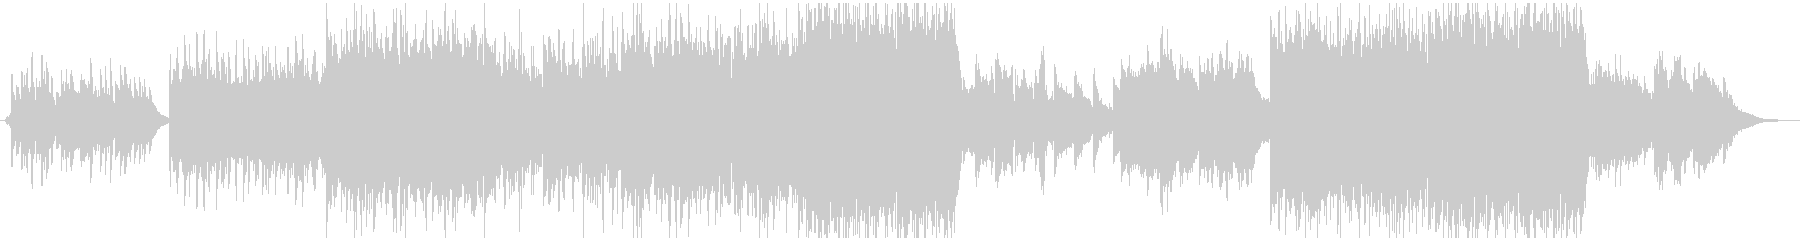 現代の交響曲でハッピーな曲の未再生の波形